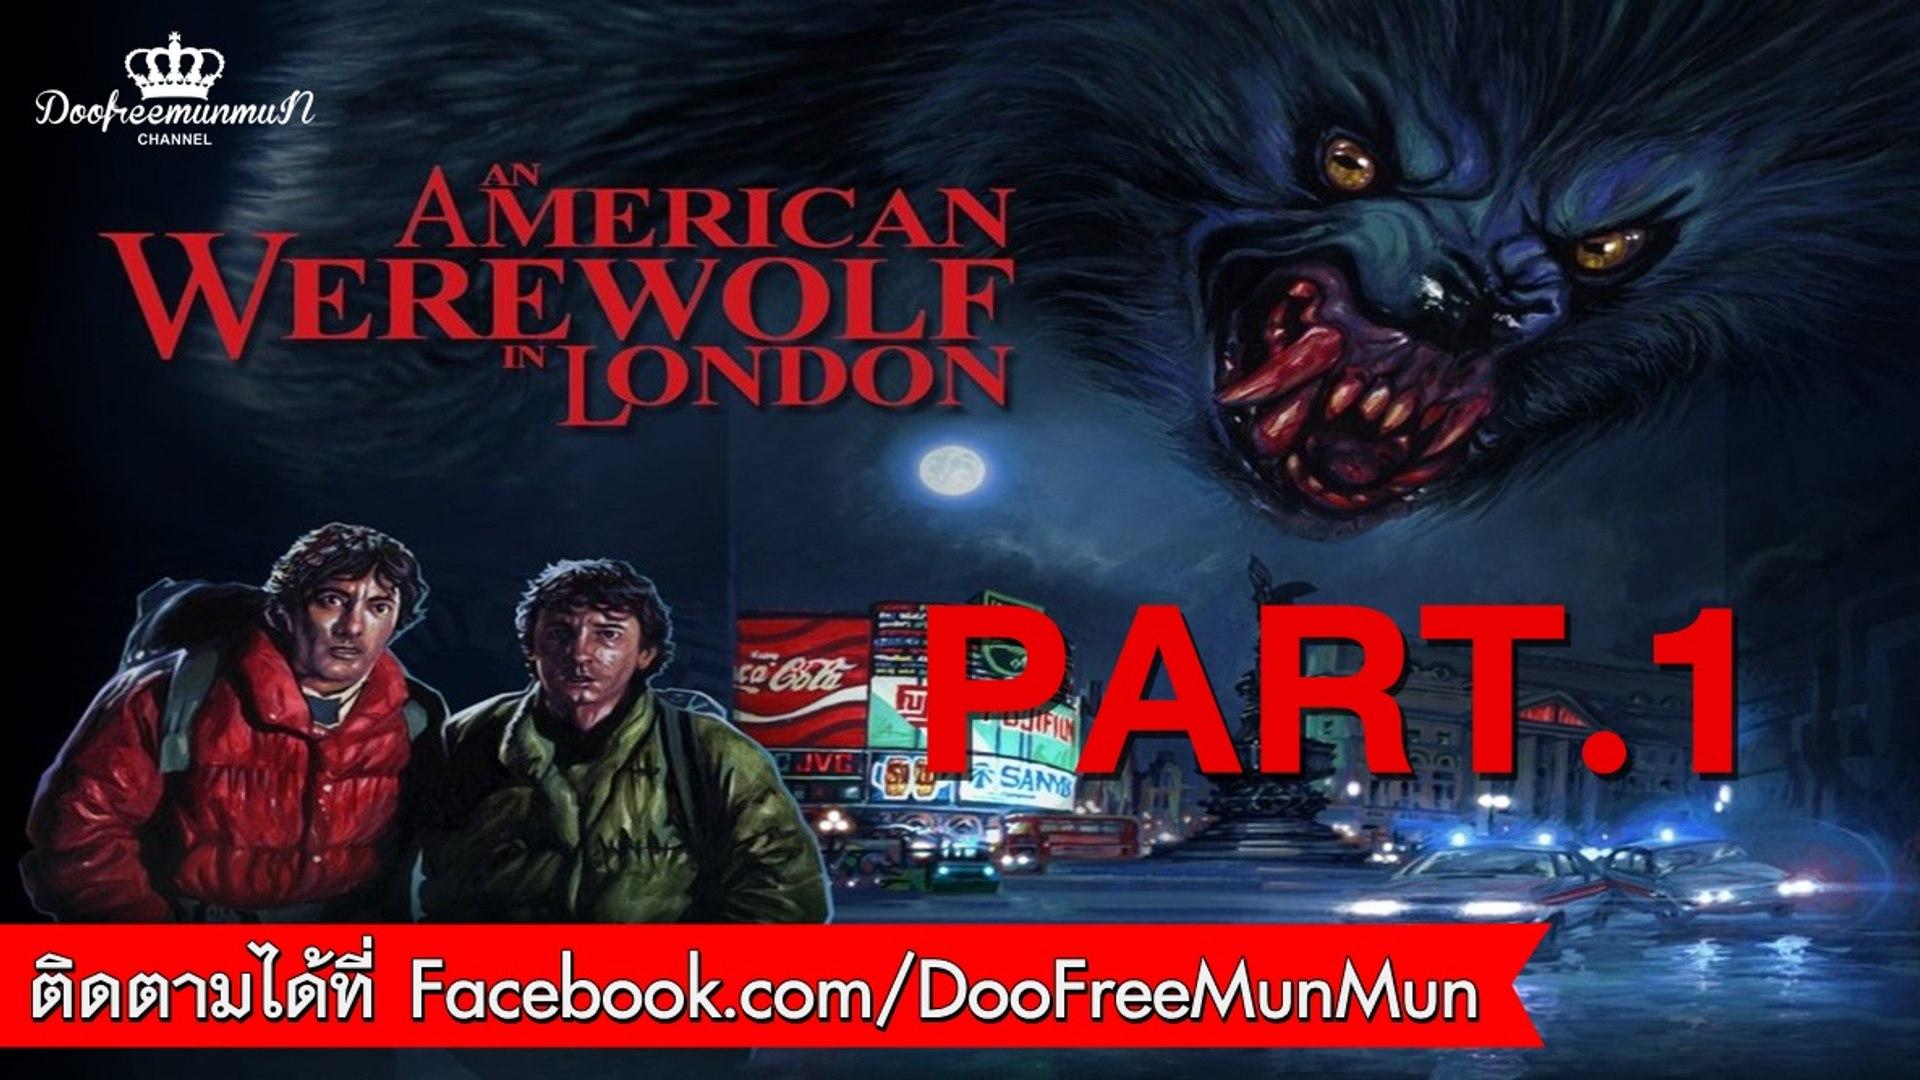 คนหอนค นโหด An American Werewolf In London 1981 Part 1 ว ด โอ